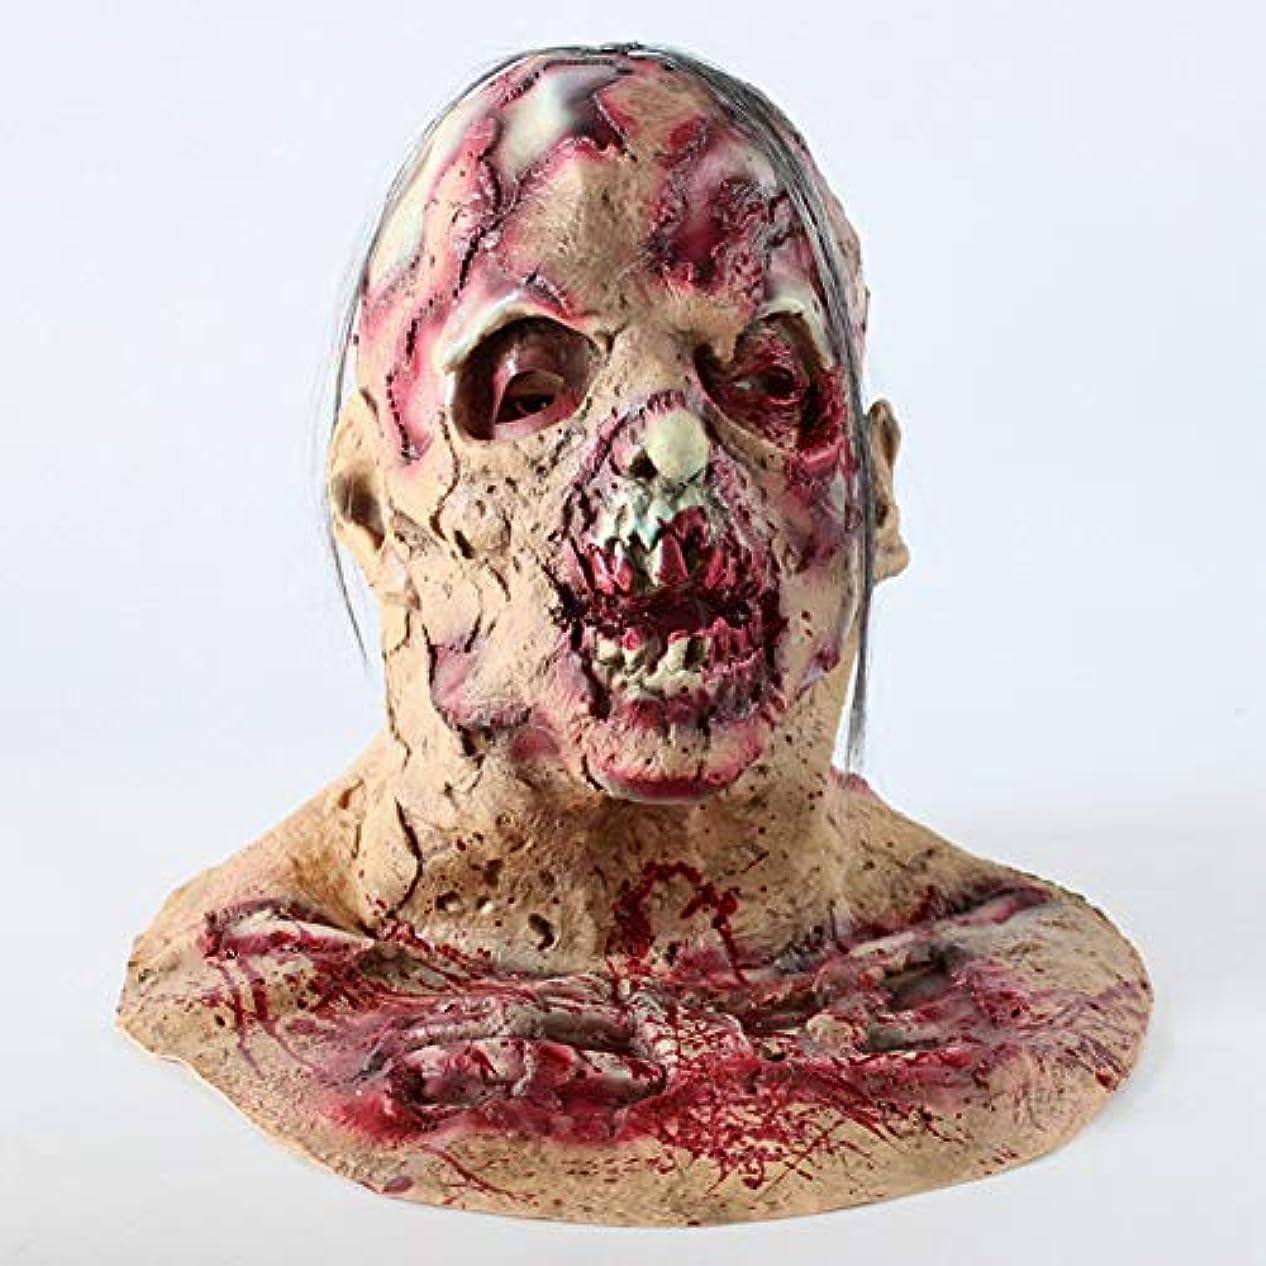 すずめ舌寝室を掃除するハロウィーンホラーマスク、嫌なゾンビマスク、バイオハザードヘッドマスク、パーティー仮装ラテックスマスク